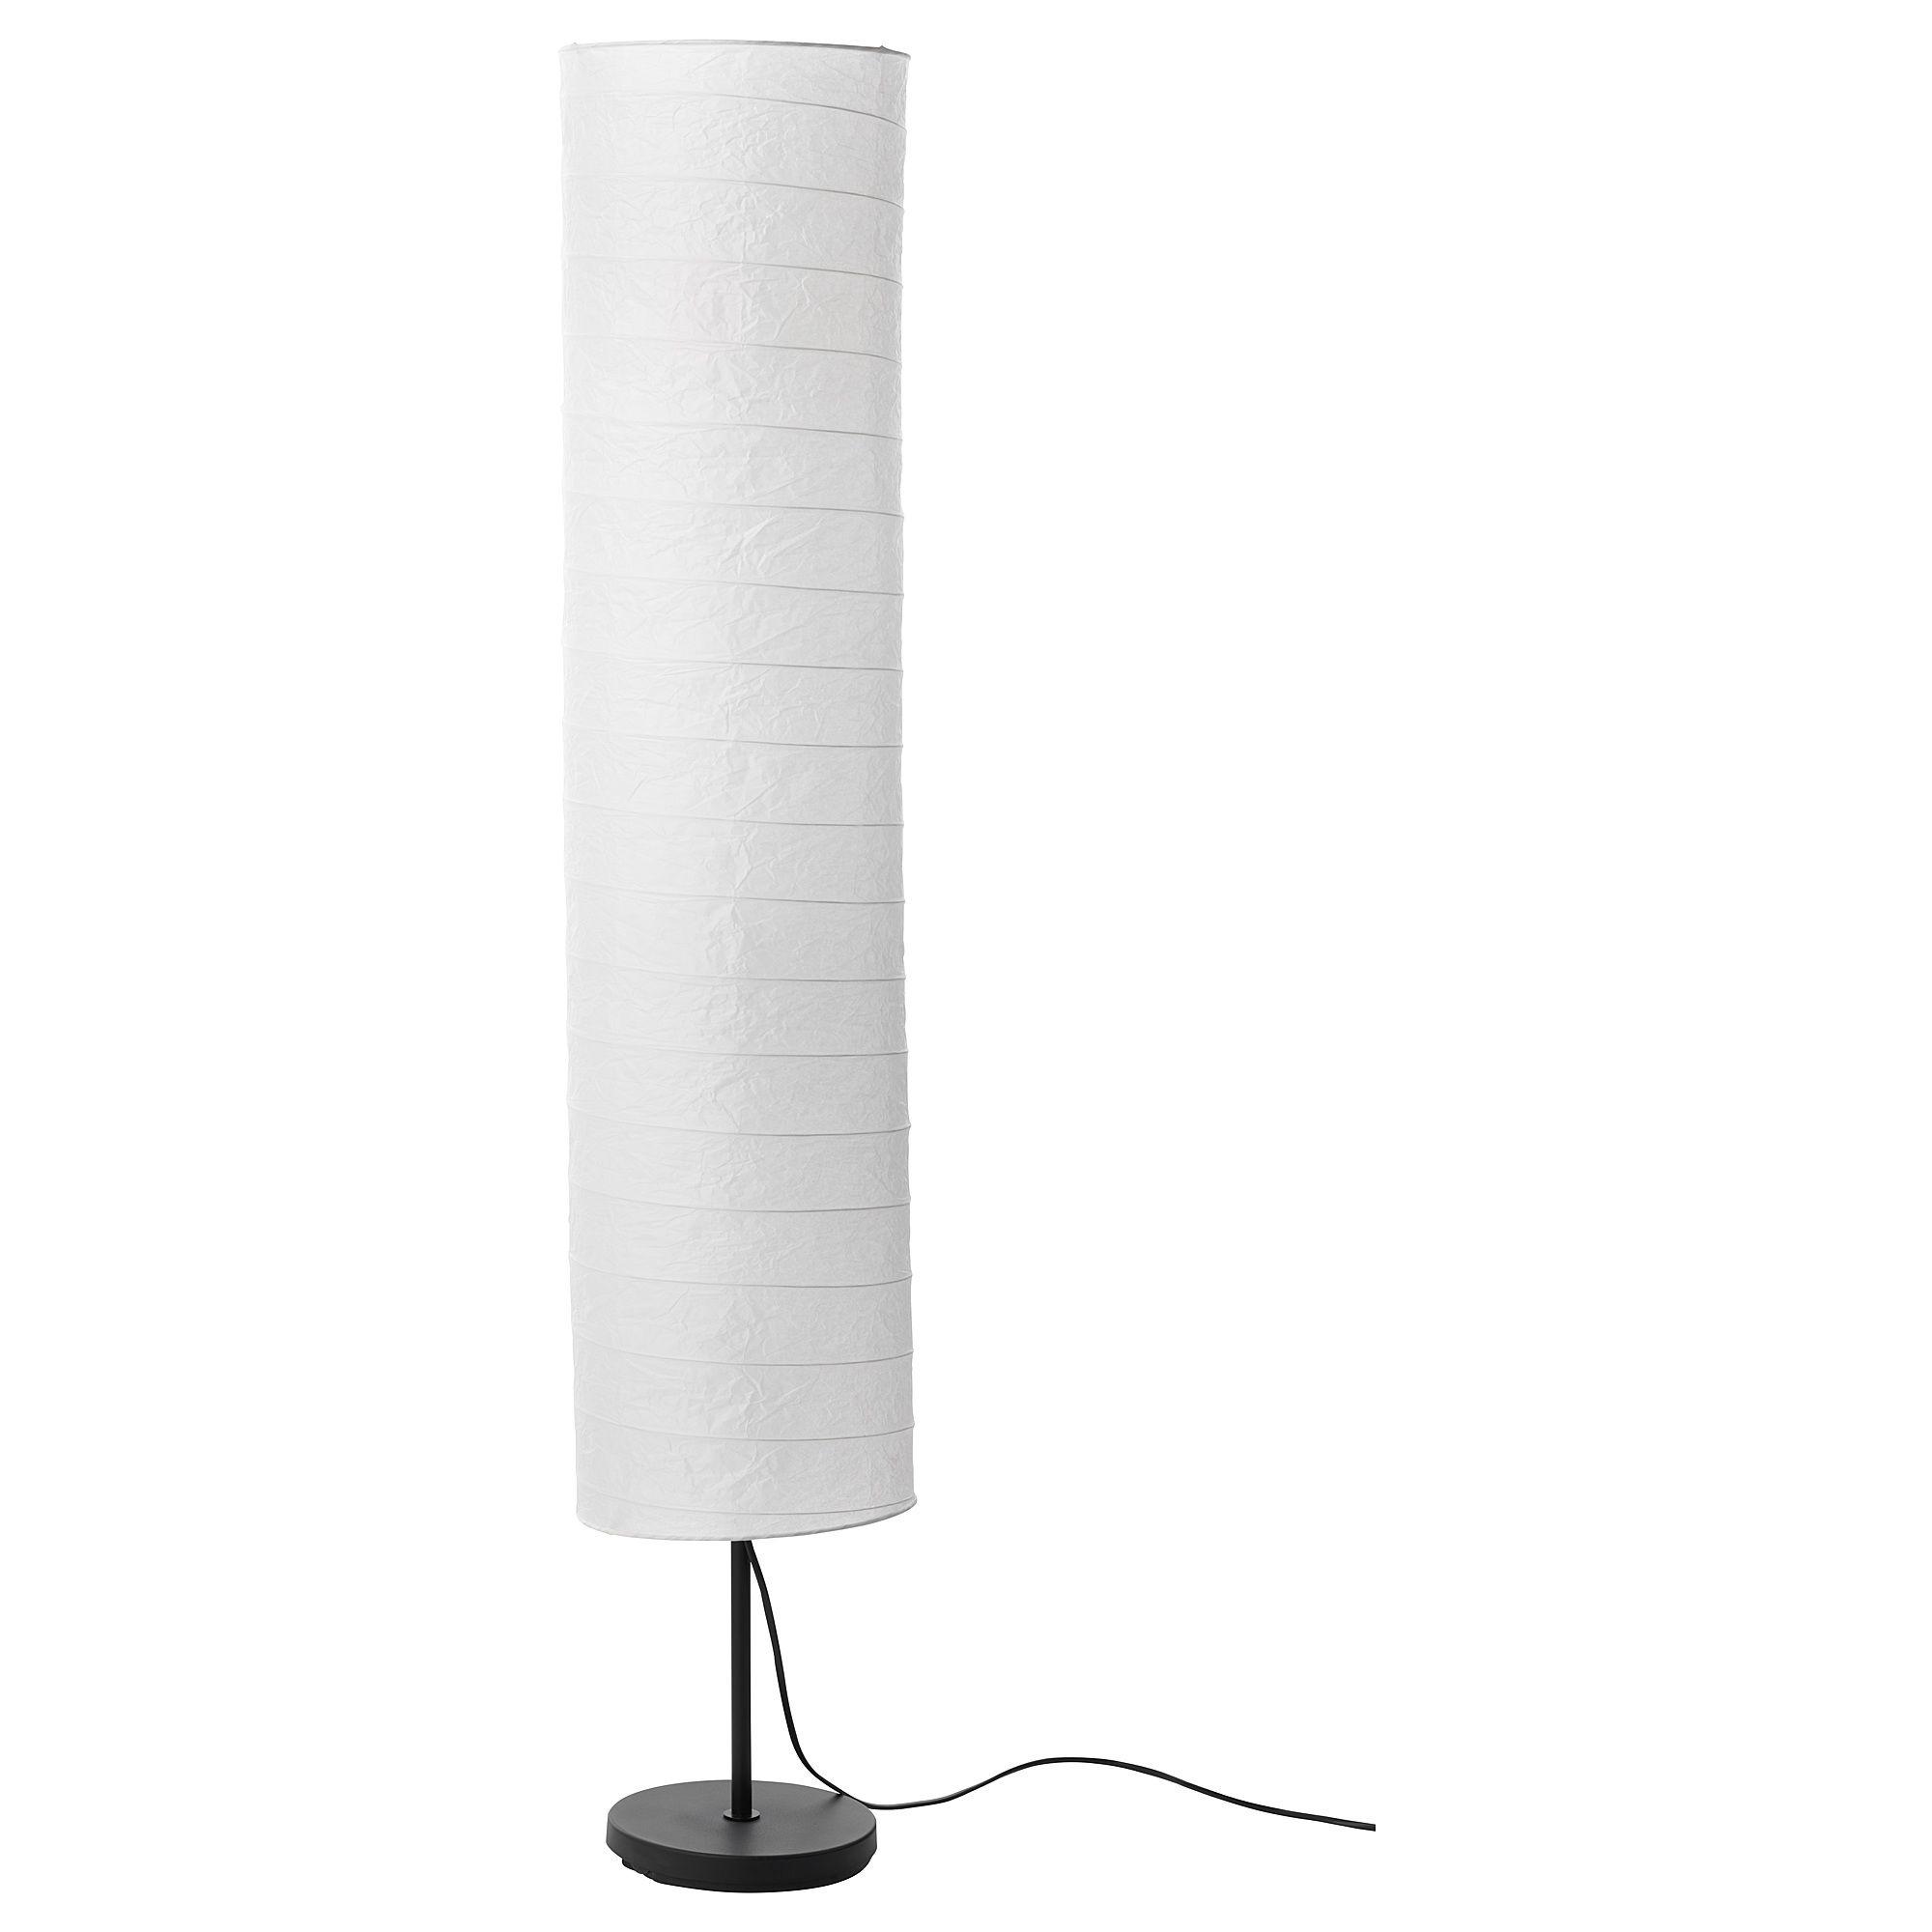 Full Size of Holm Standleuchte Ikea Sterreich Stehlampe Schlafzimmer Wohnzimmer Sofa Mit Schlaffunktion Betten Bei Miniküche Küche Kosten Kaufen Modulküche 160x200 Wohnzimmer Stehlampe Ikea